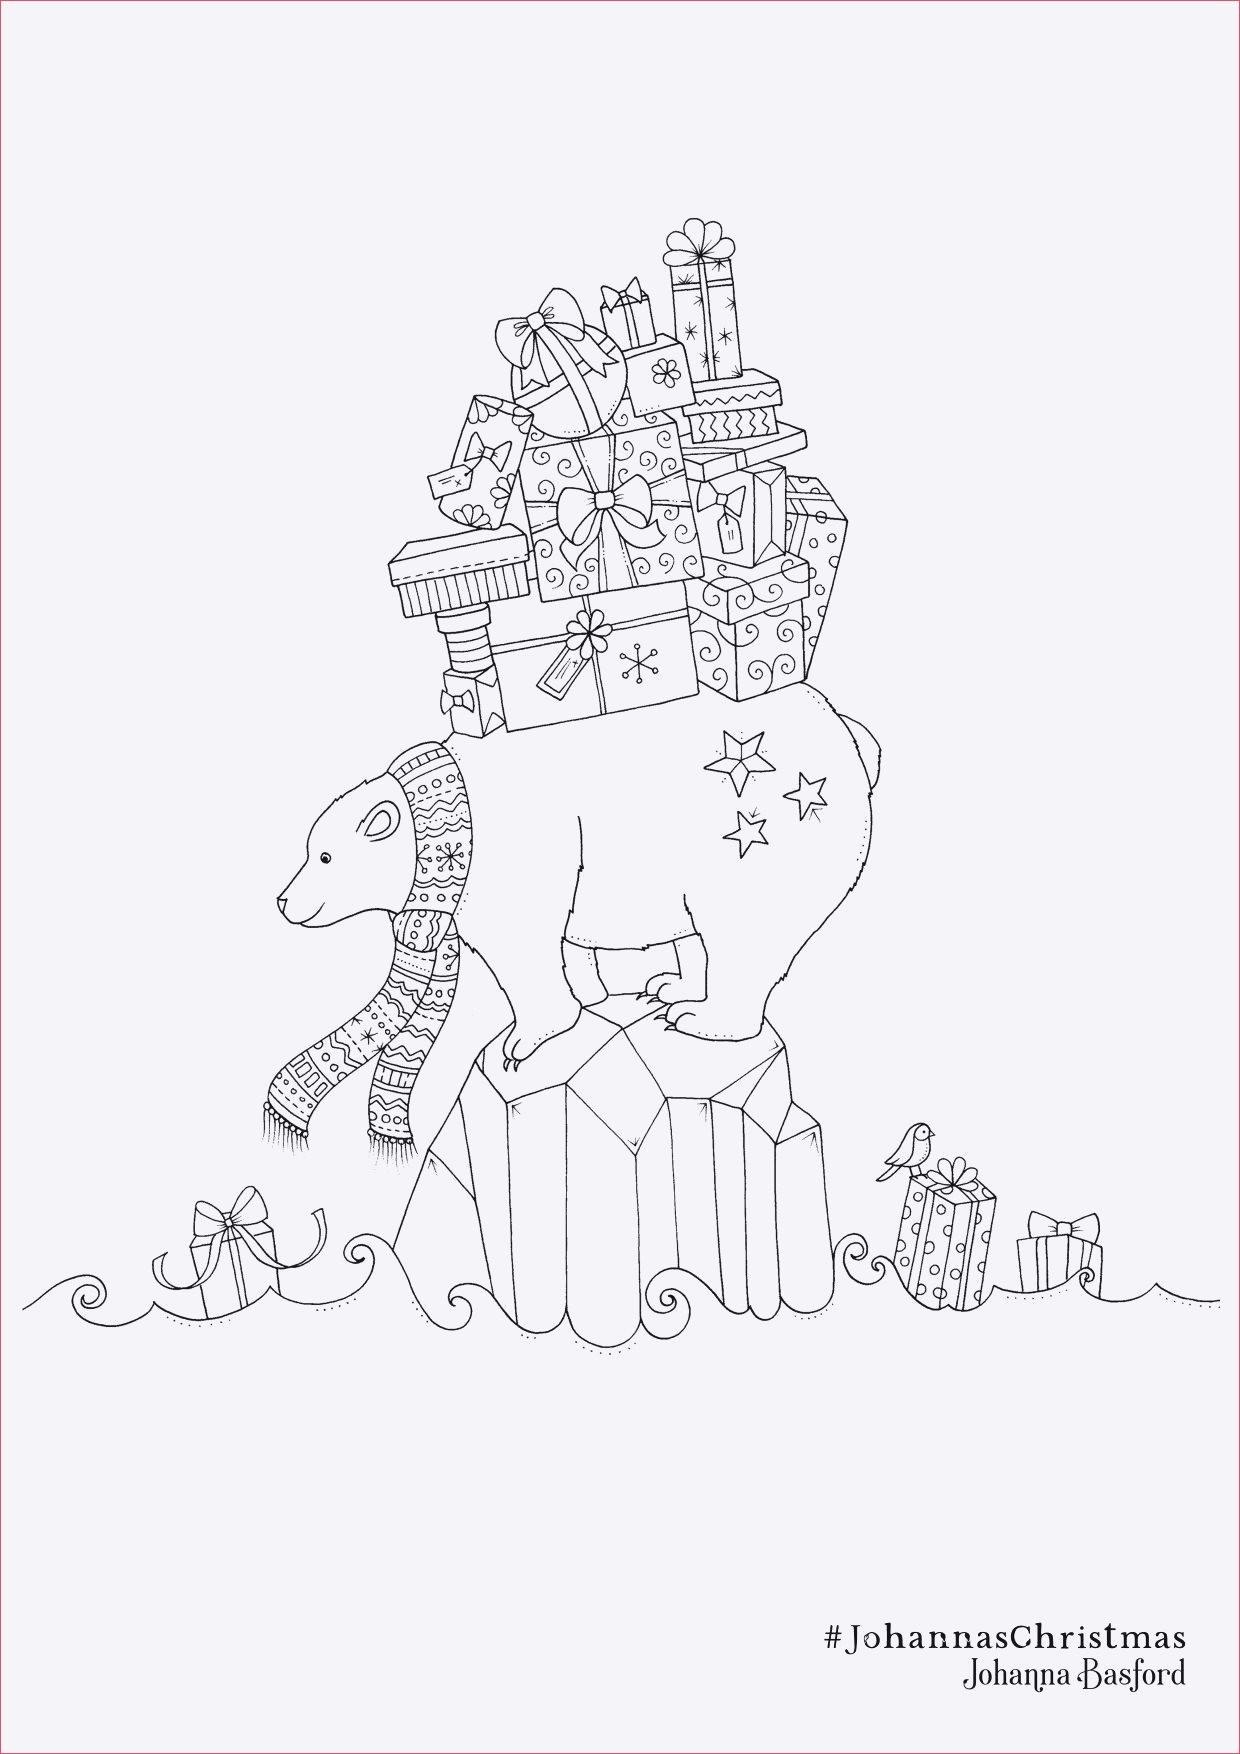 Malvorlagen Weihnachten Din A4 Genial Ausmalbilder Erwachsene Tiere 30 Kostenlose Ausmalbilder Sammlung